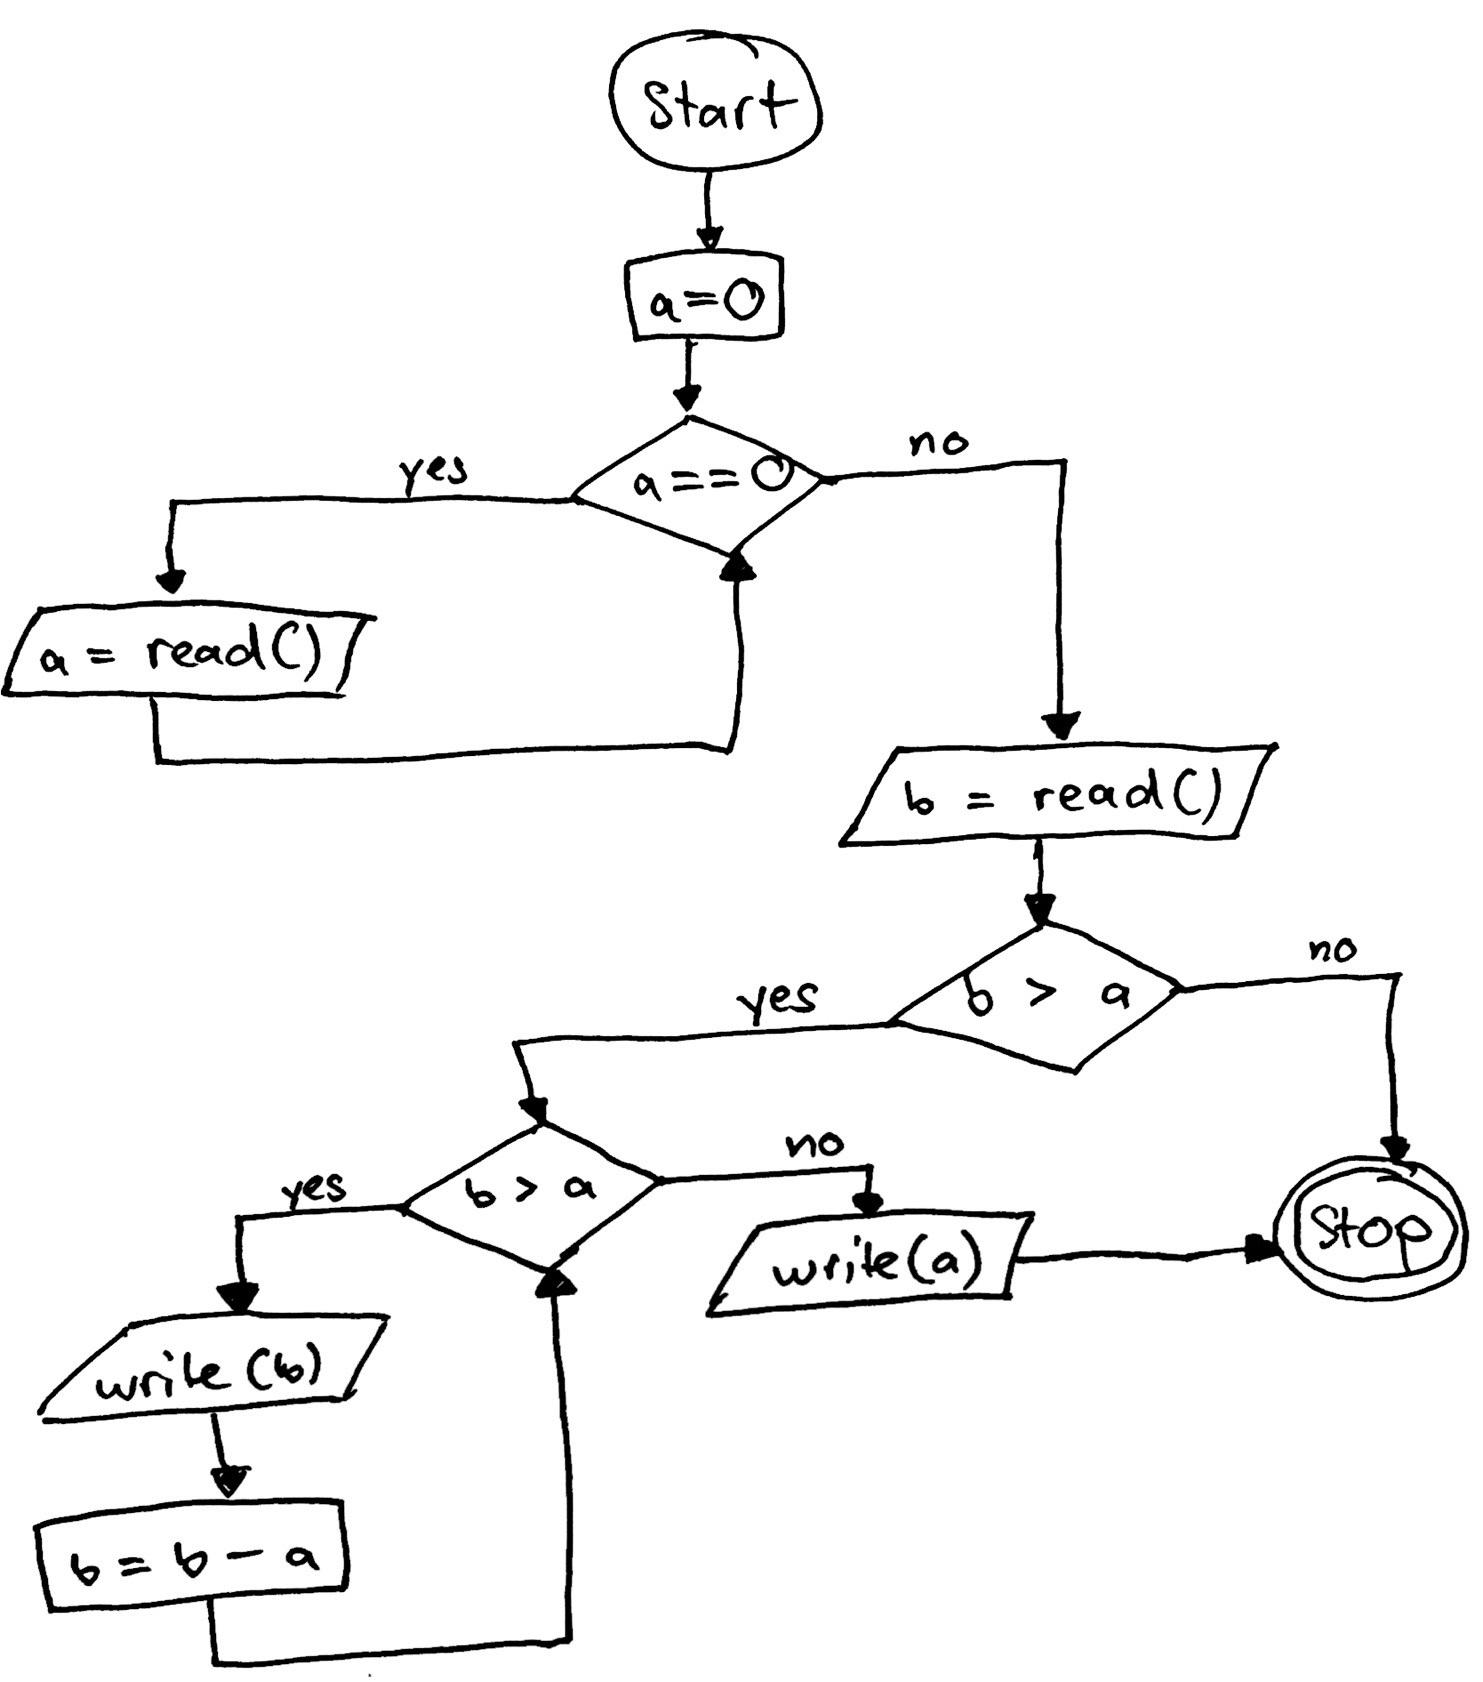 [Hier sollte eine Abbildung des Kontrollflussdiagramms zu sehen sein.]